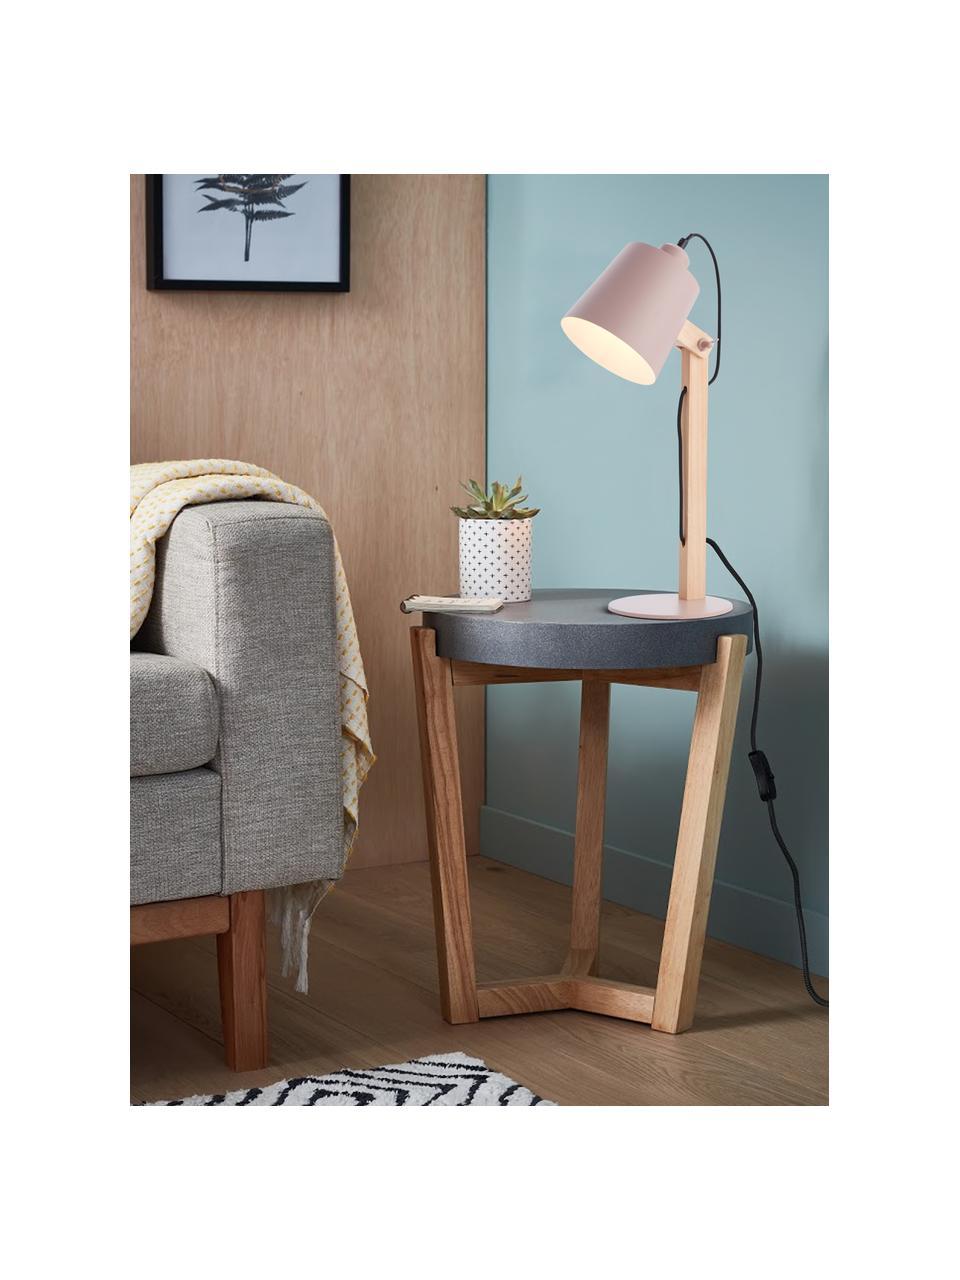 Große Schreibtischlampe Swivel mit Holzfuß, Lampenschirm: Metall, Lampenfuß: Metall, Rosa, Holz, 16 x 52 cm